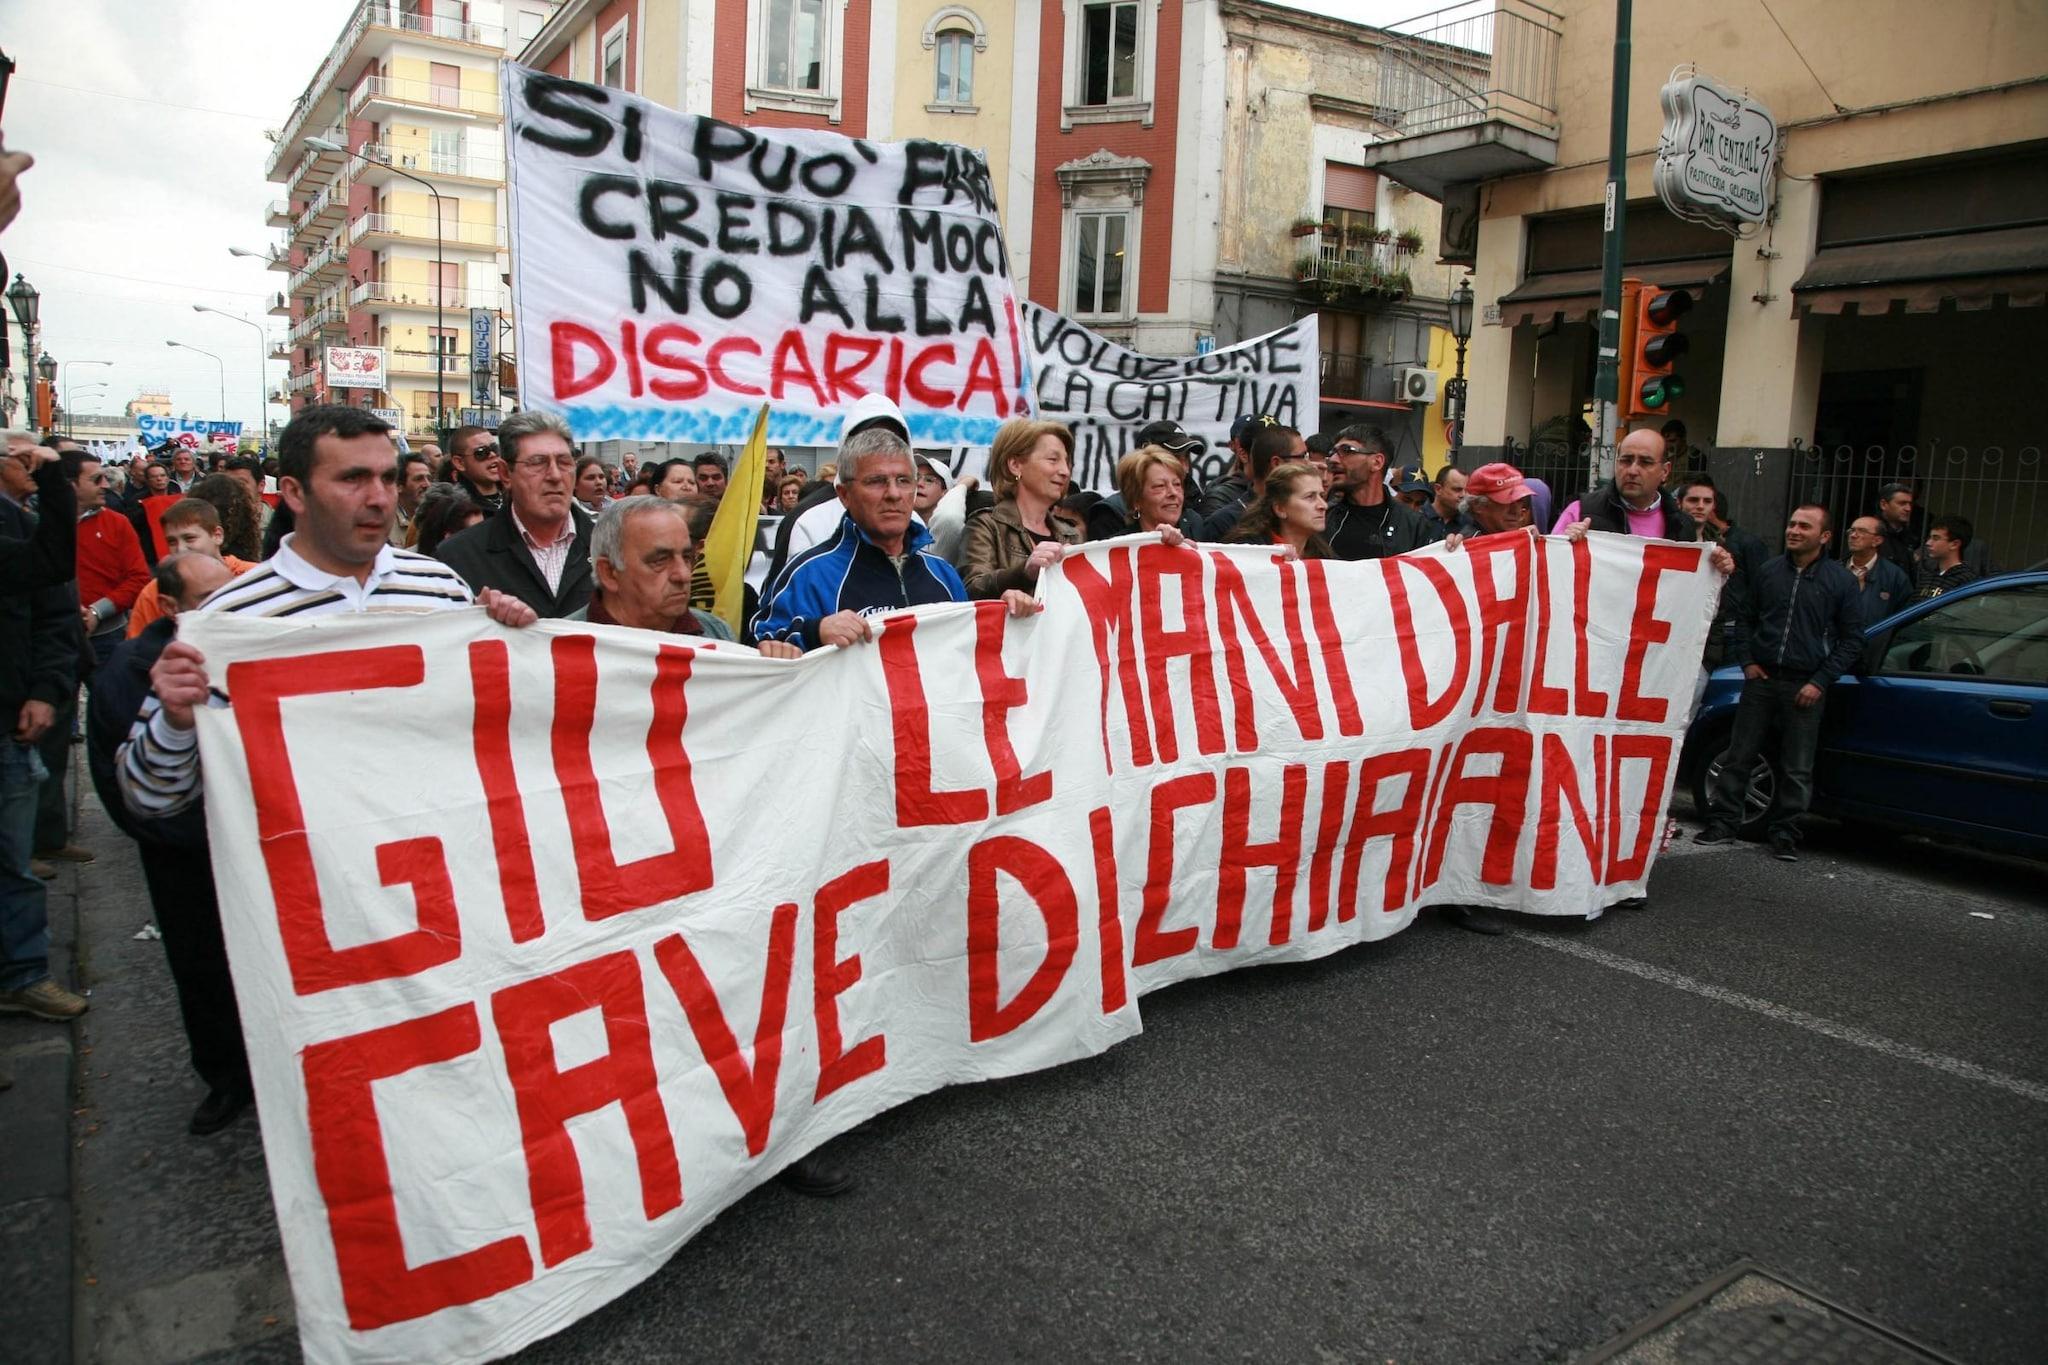 Le proteste prima dell'apertura della discarica a Chiaiano